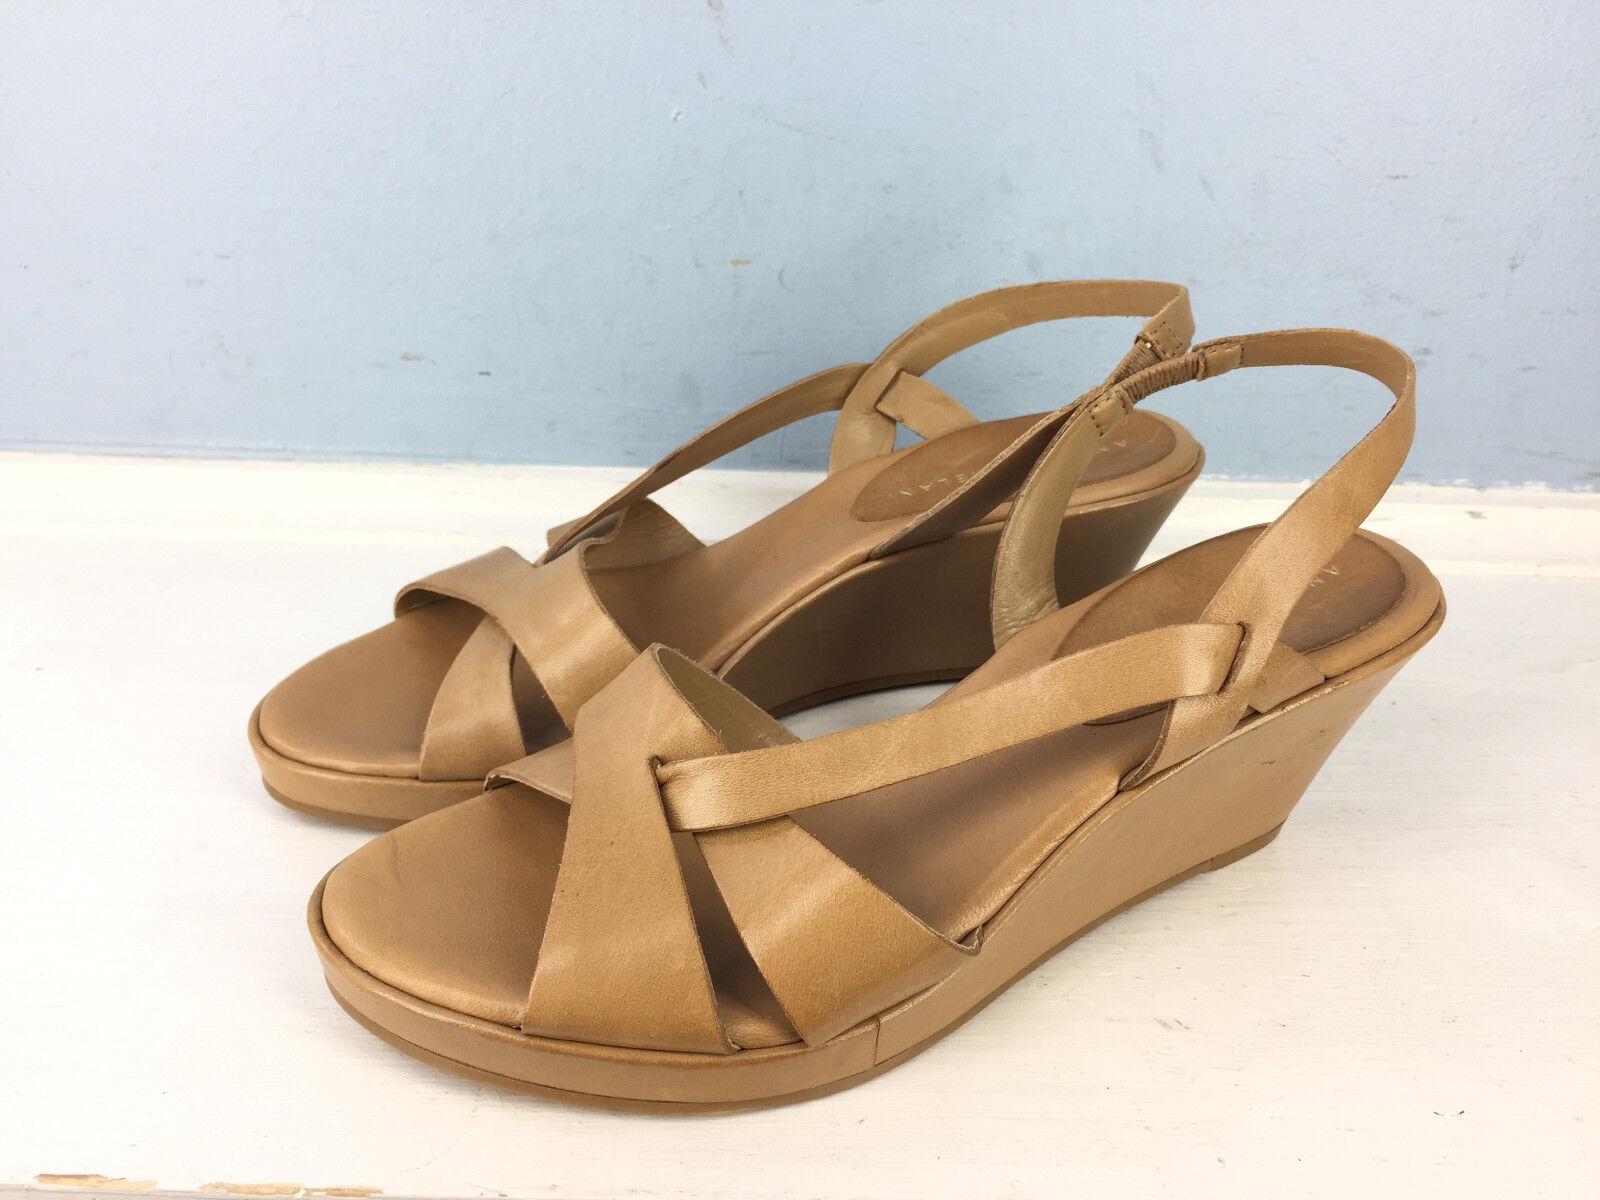 New Antonio Melani 6 Tan Brown Low wedge Sandals heels Slingback Career Cocktail